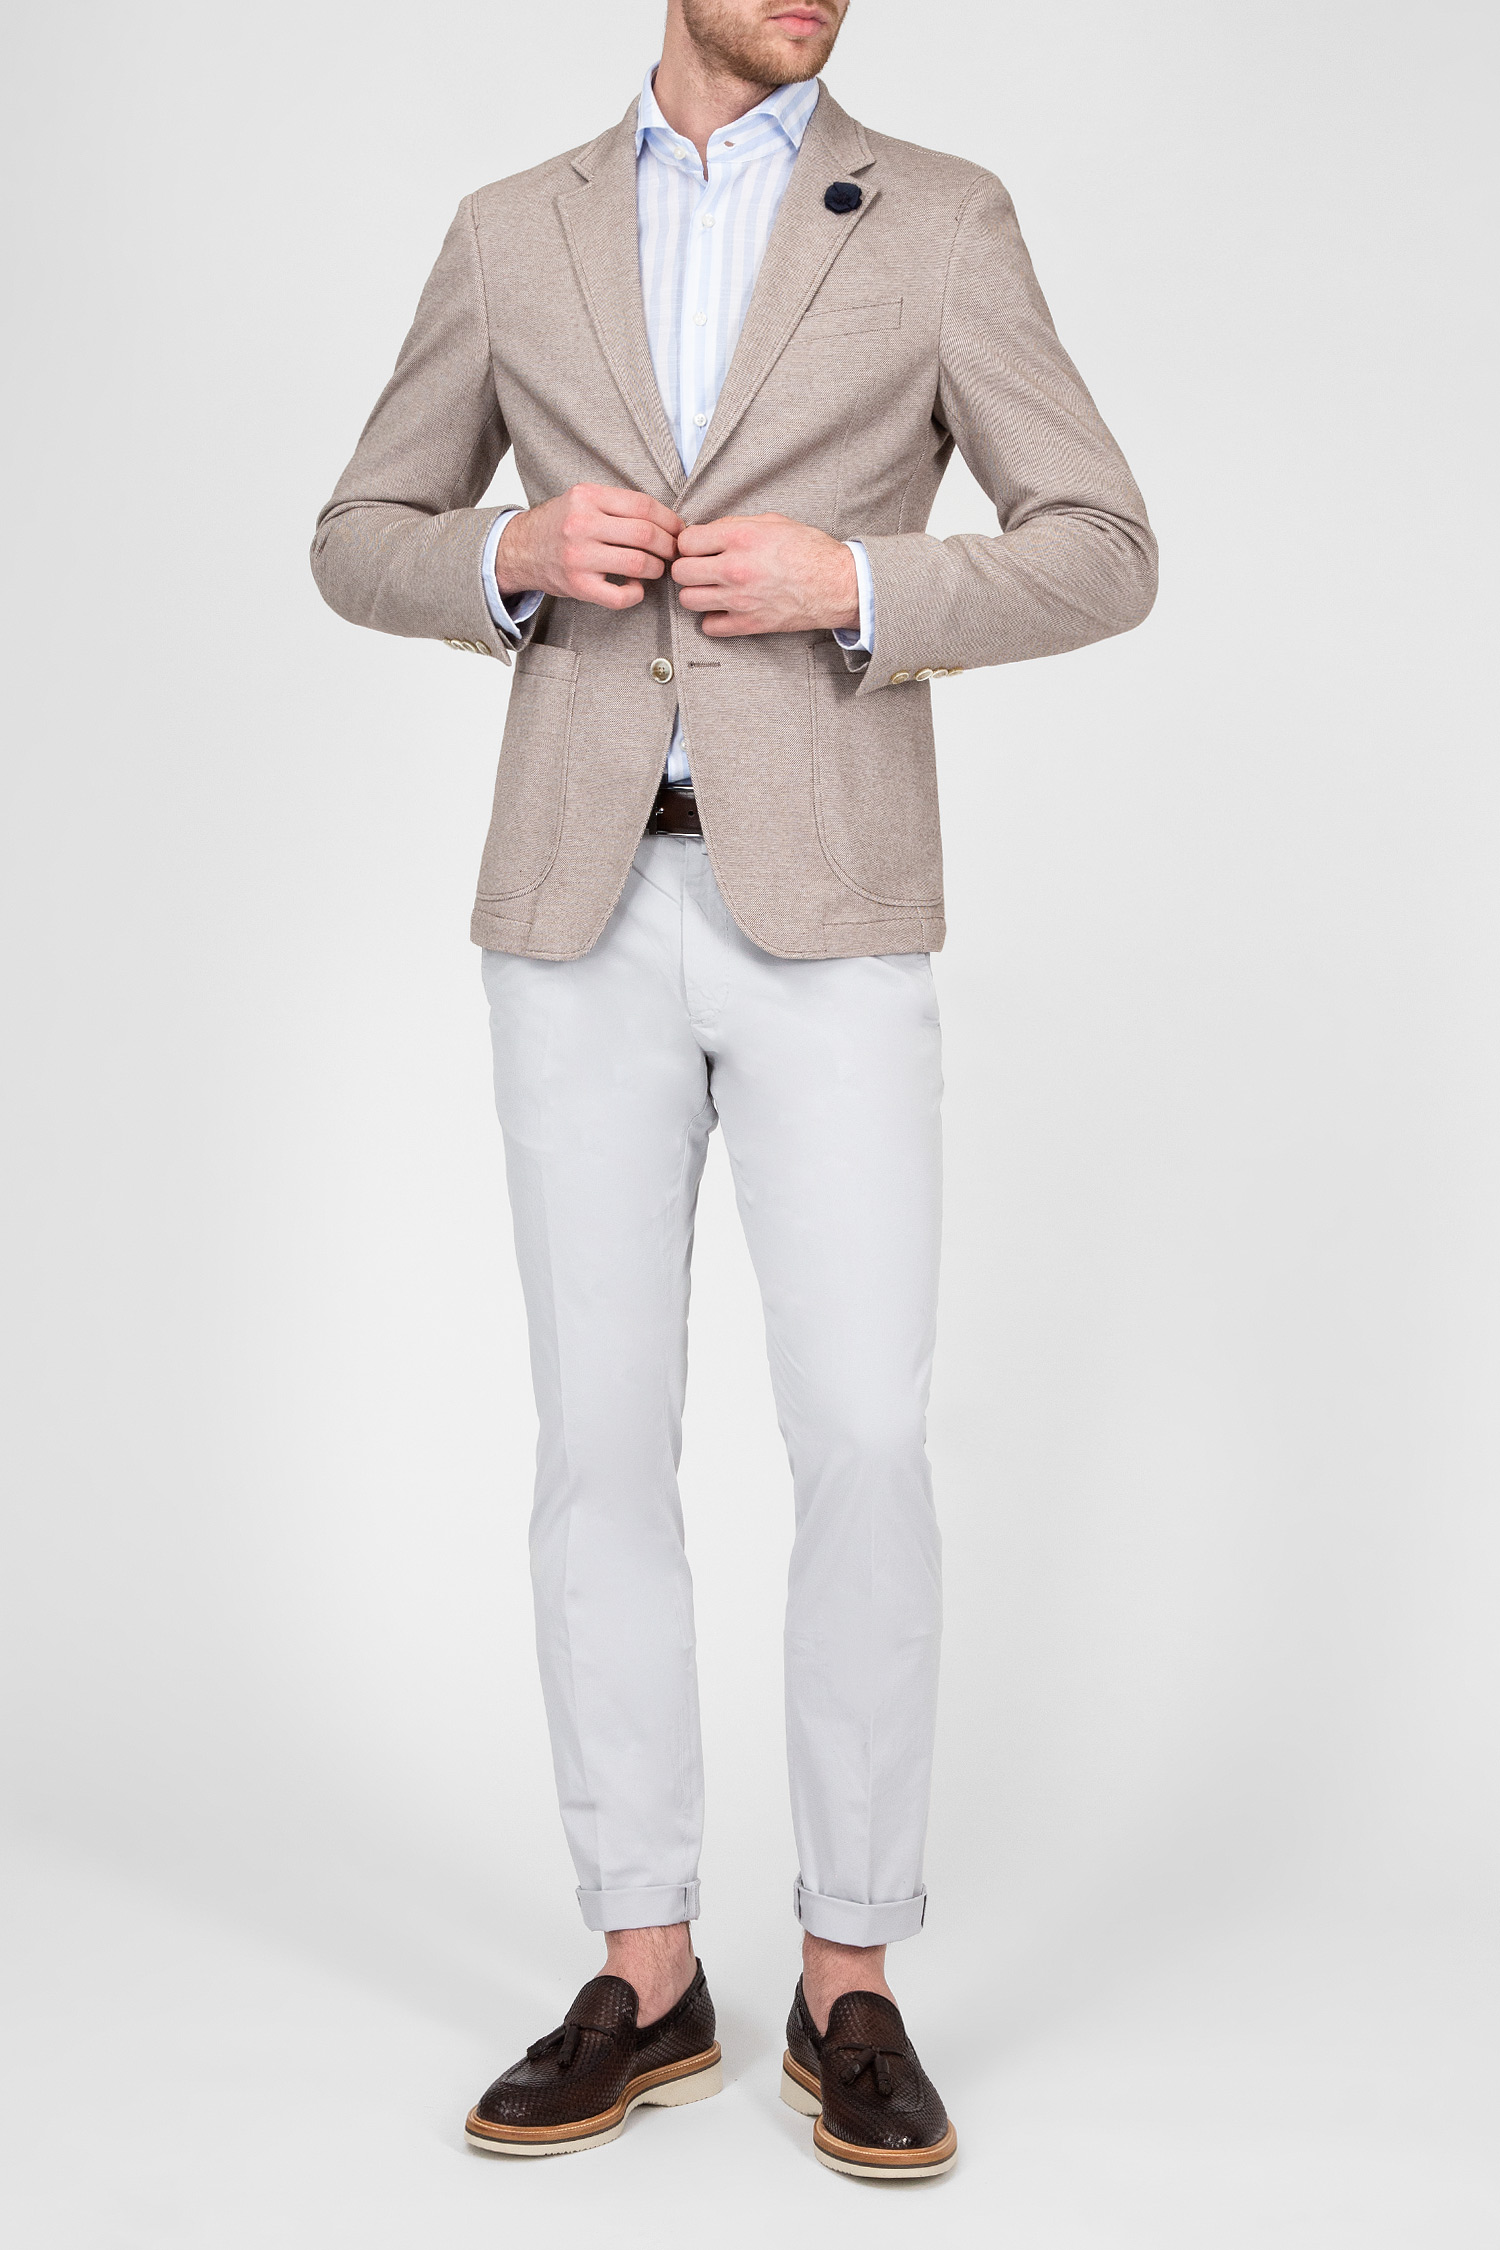 Купить Мужской бежевый пиджак Joop Joop 30015091-269 – Киев, Украина. Цены в интернет магазине MD Fashion